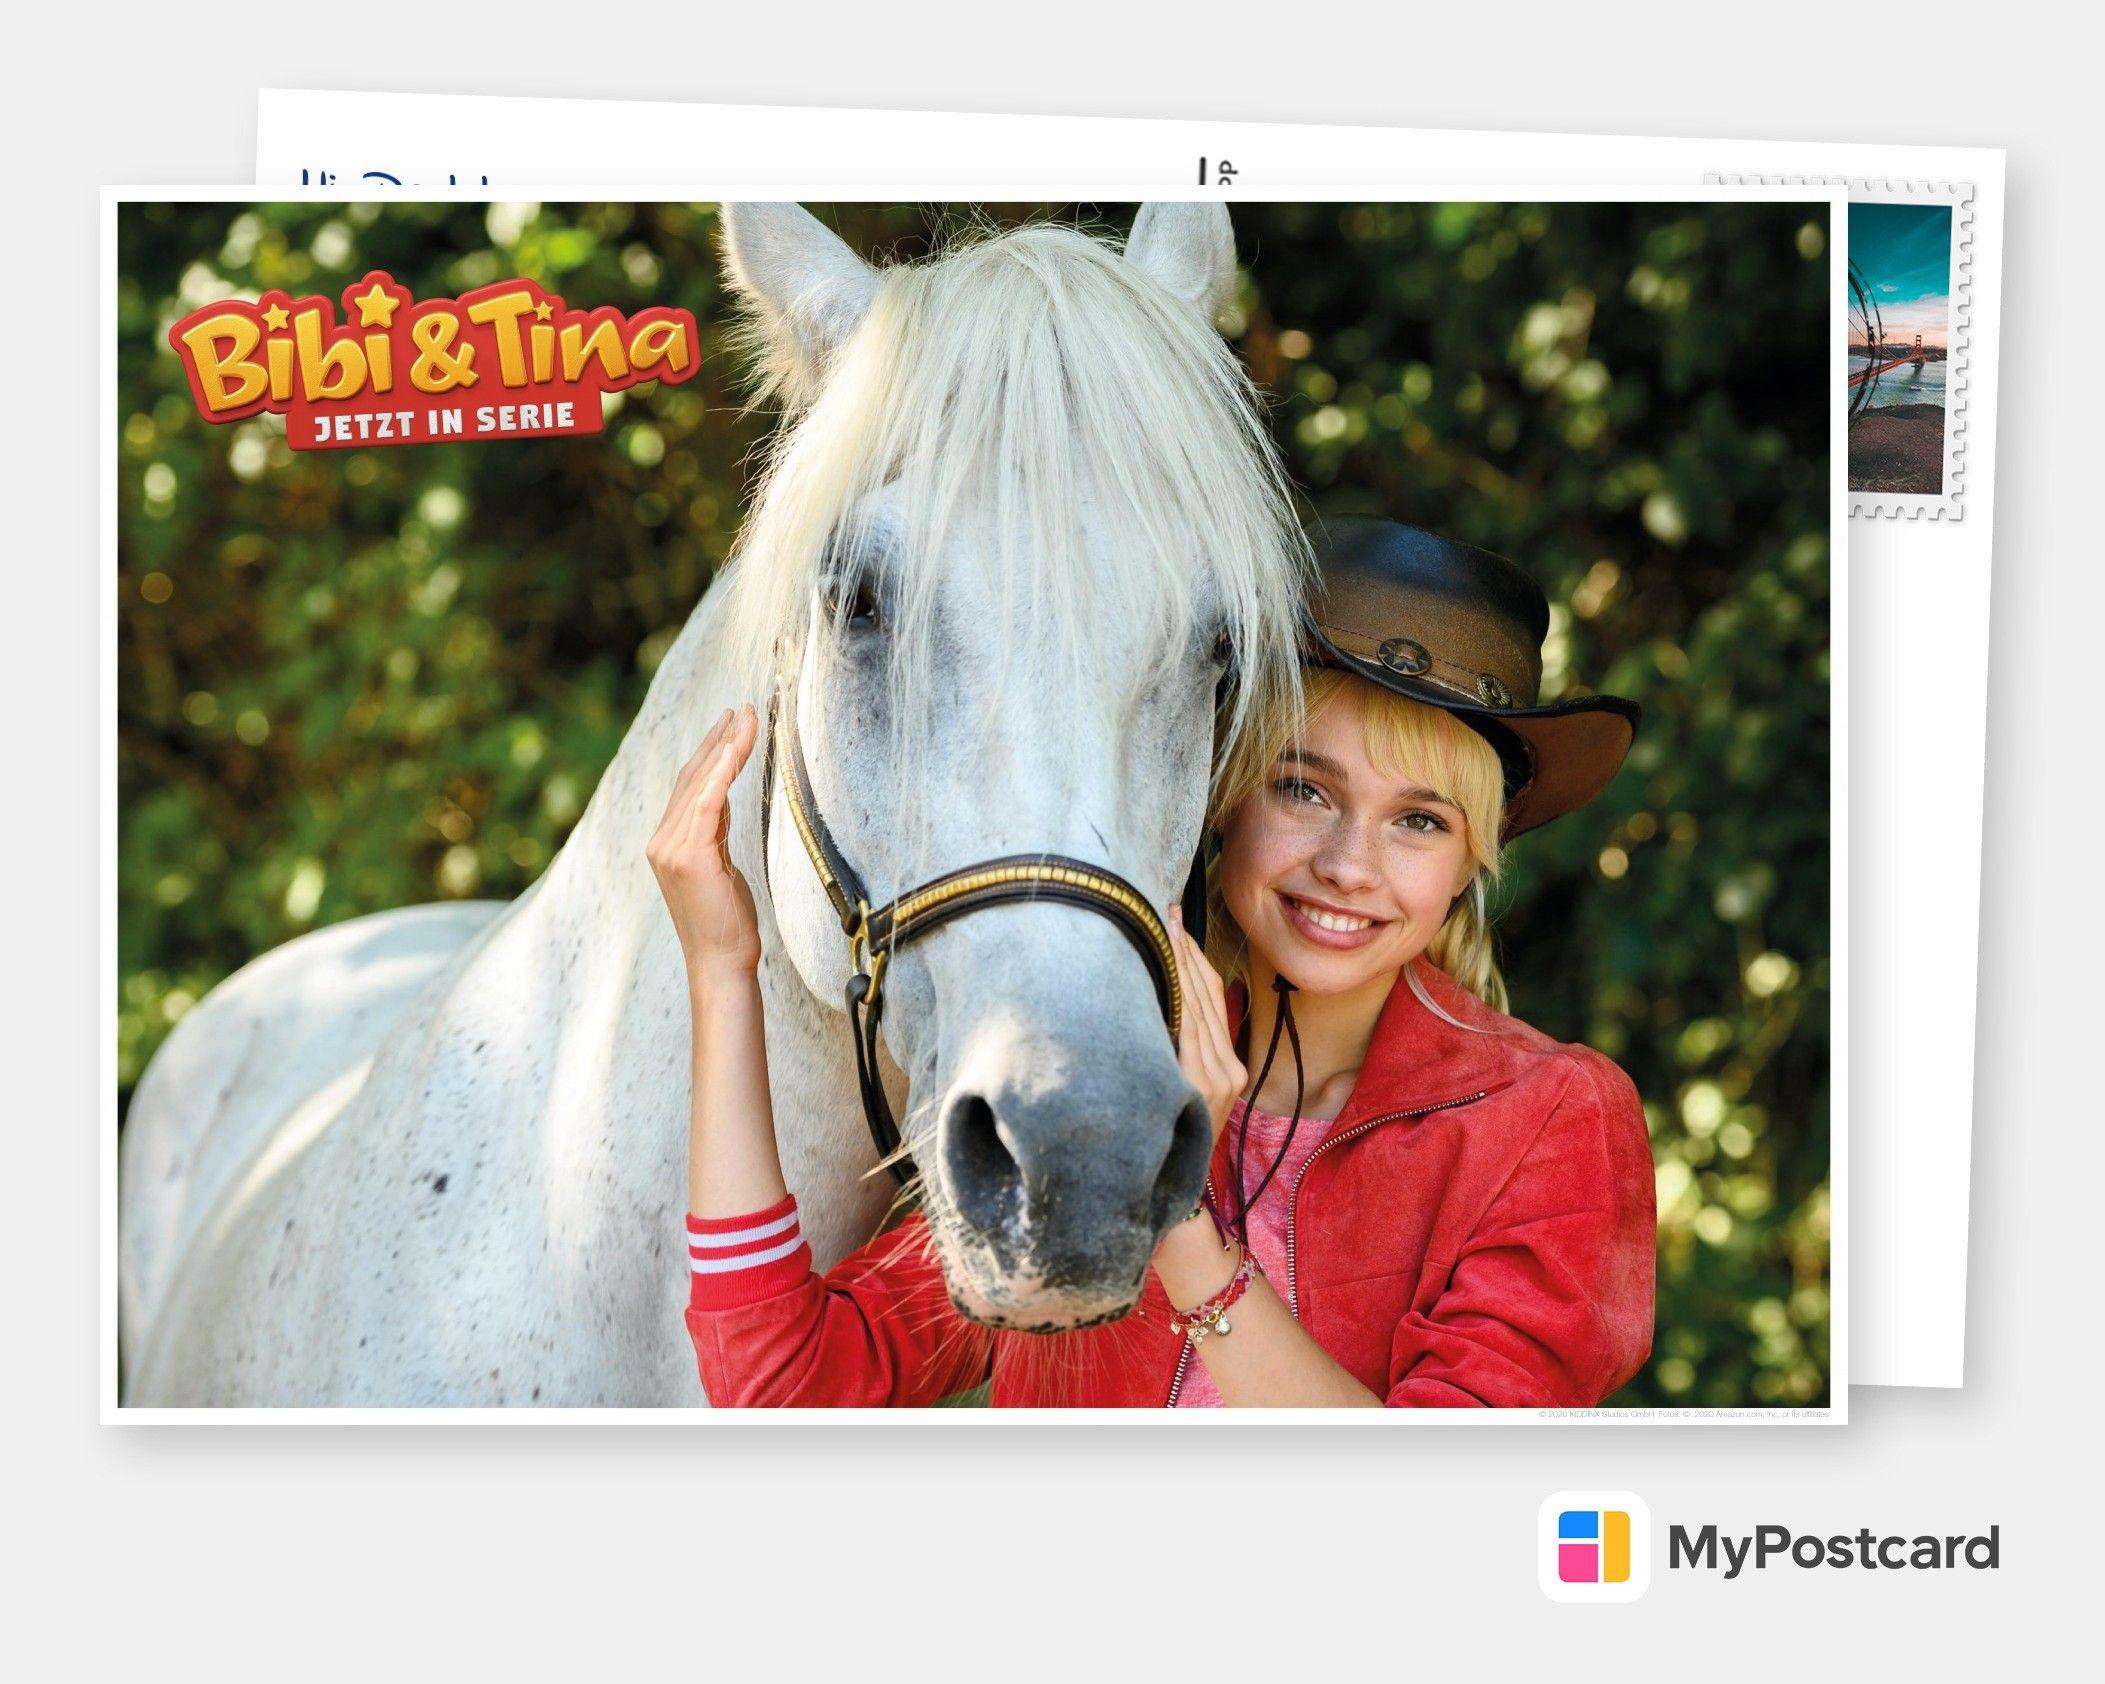 Bibi Tina Jetzt In Serie Film Musik Karten Echte Postkarten Online Versenden Filme Postkarten Film Marathon